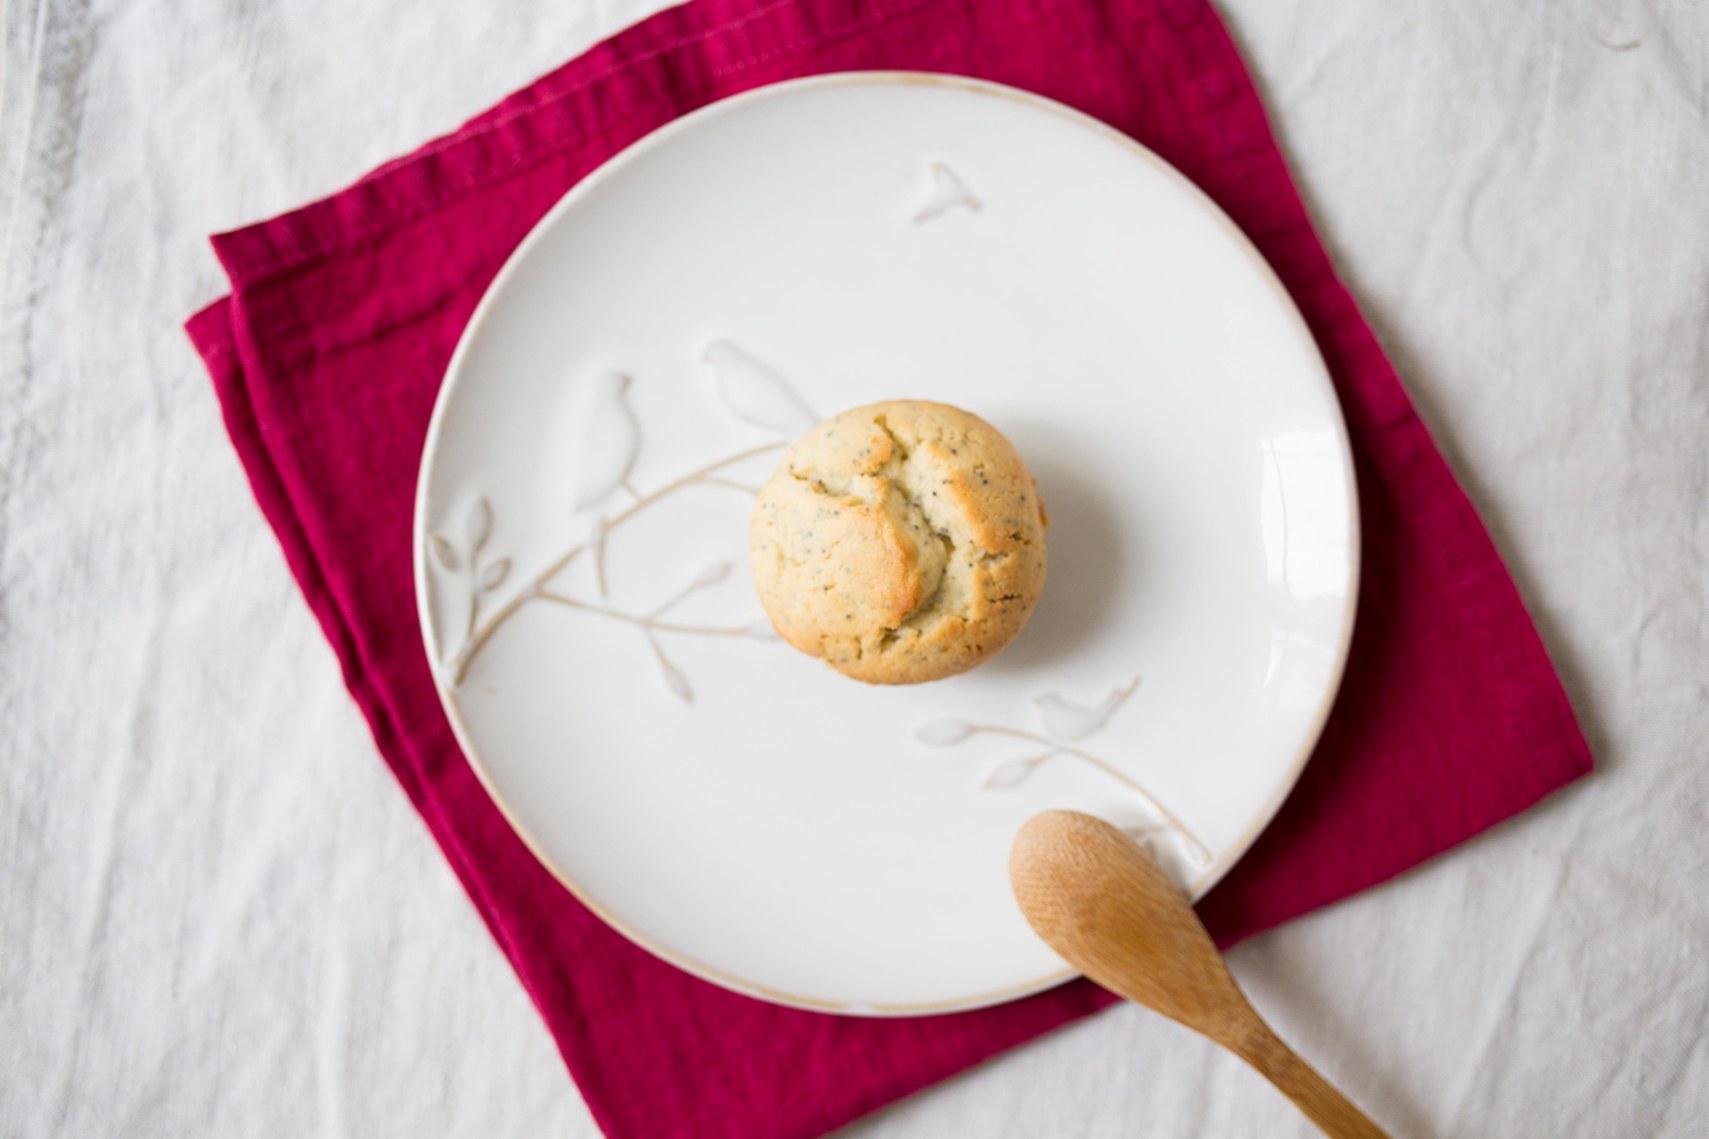 Annvie's - Lemon Muffins